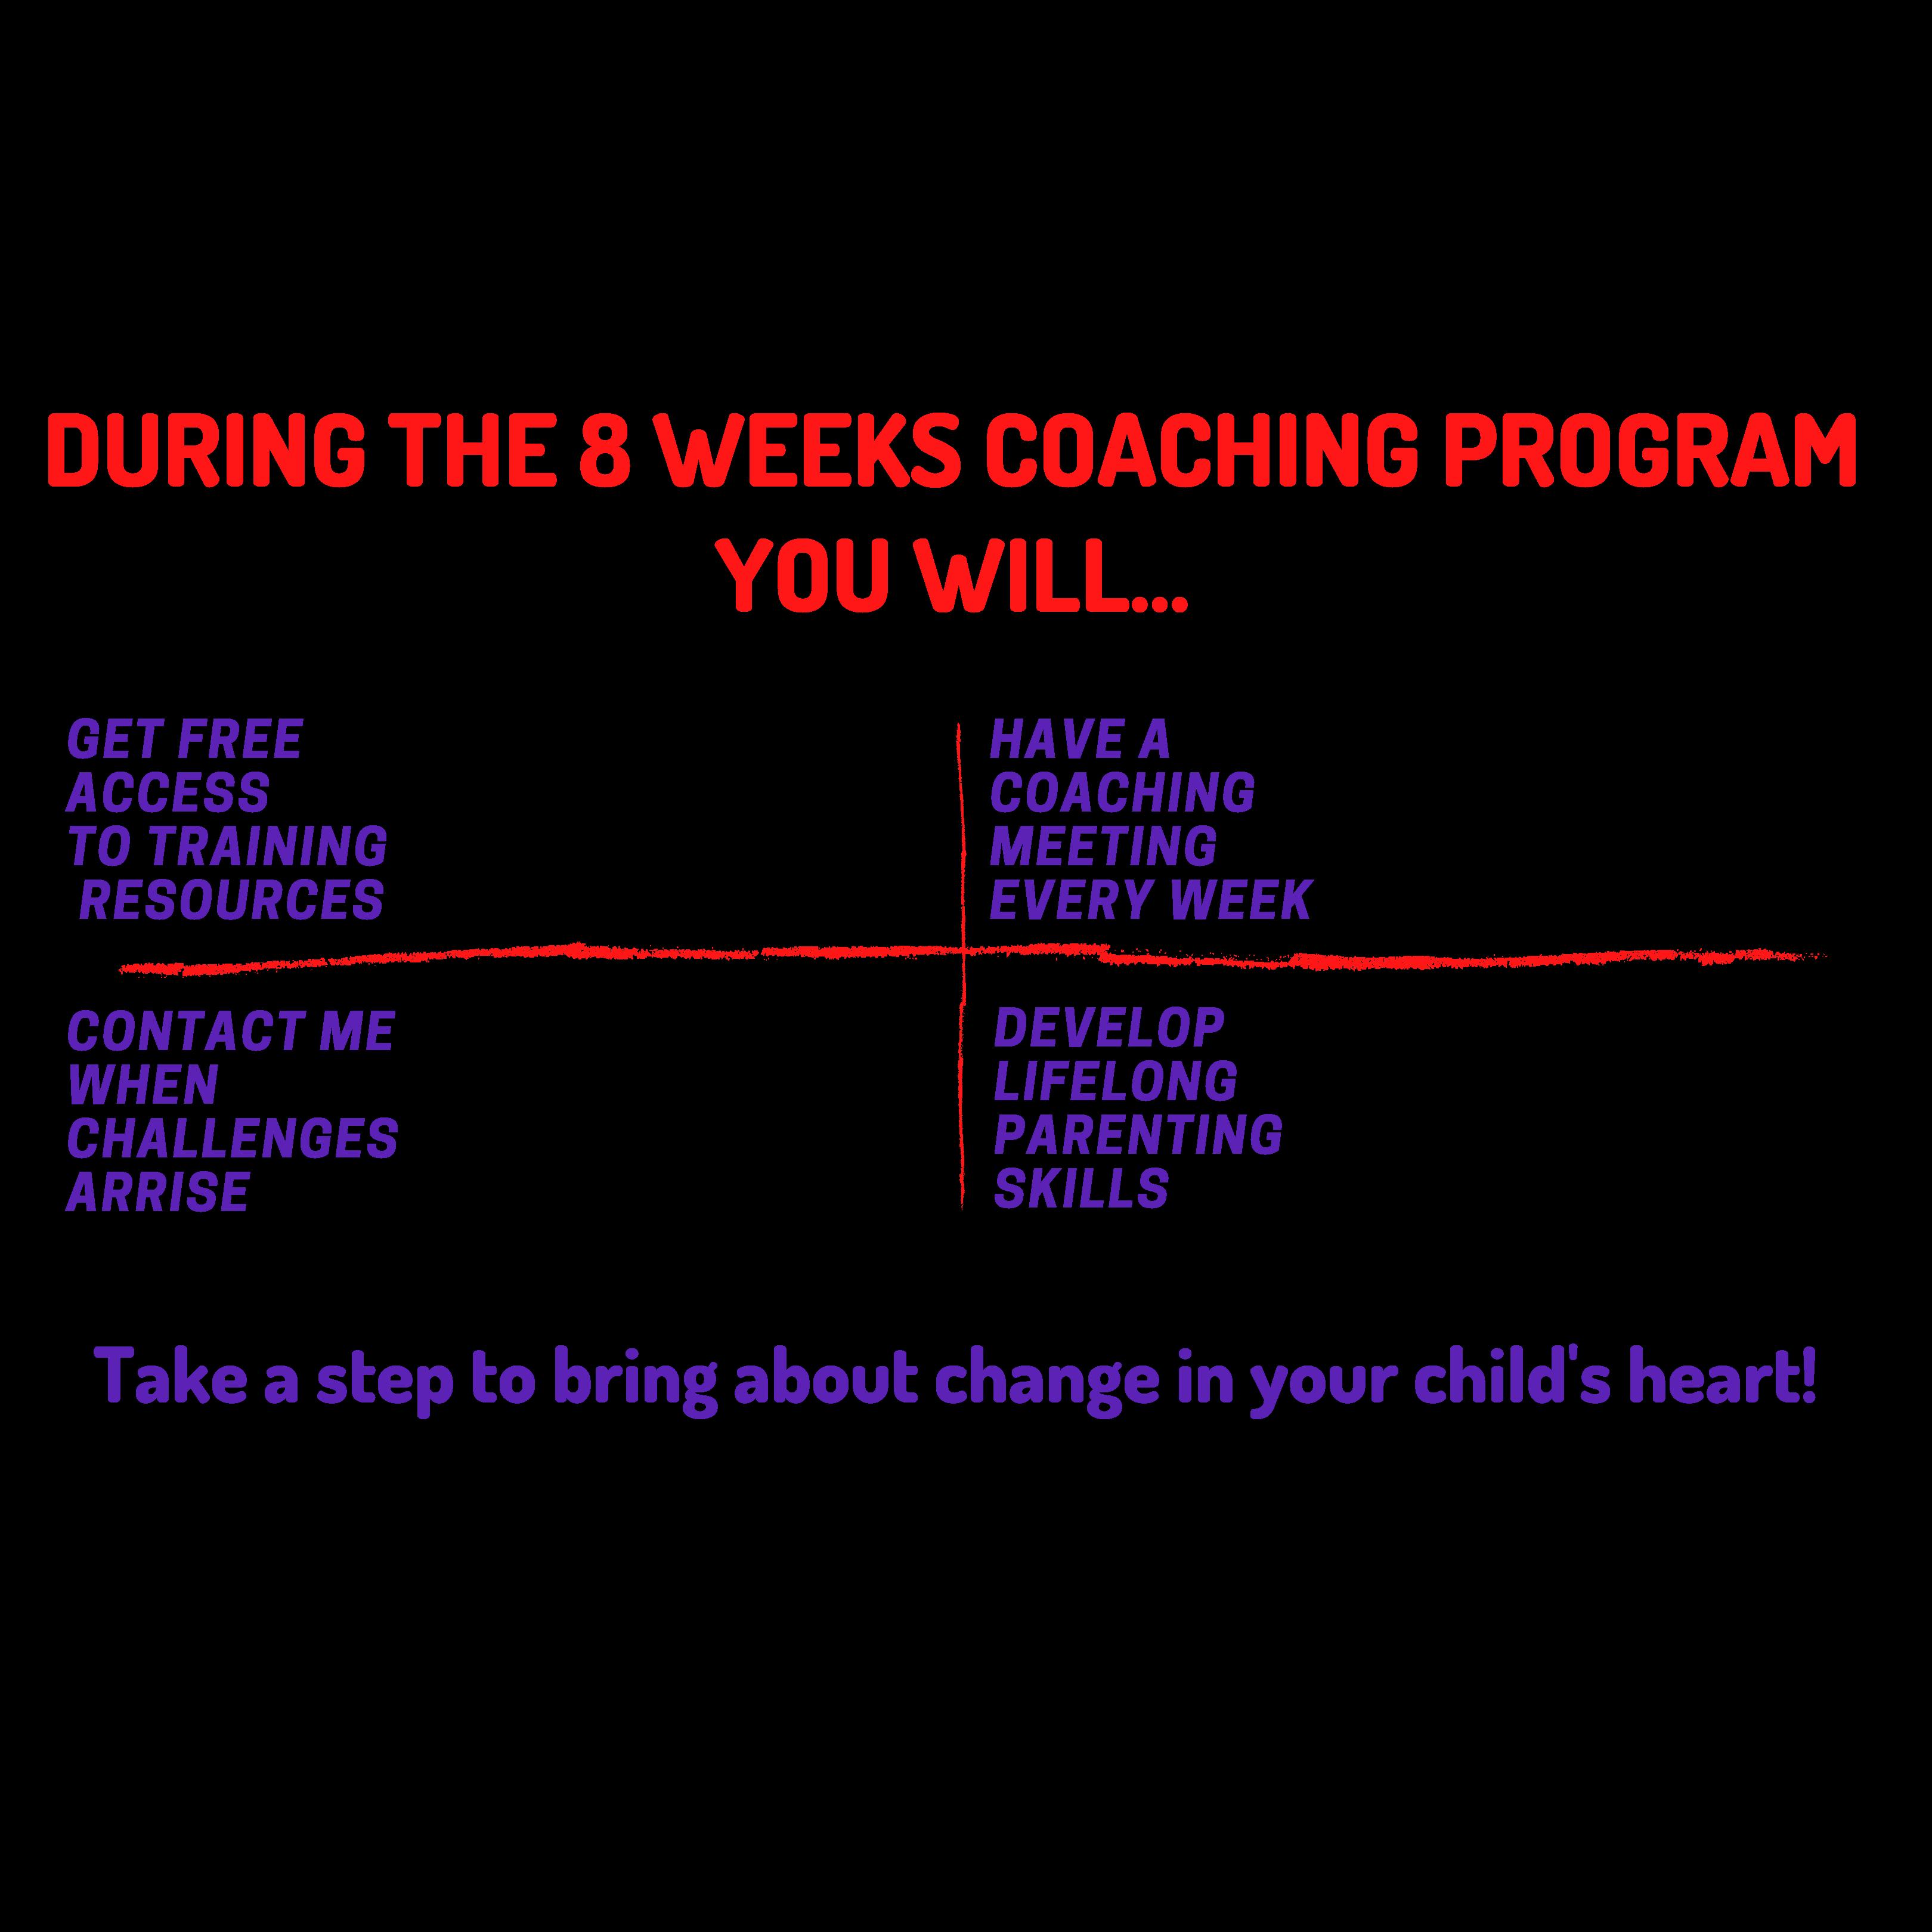 1:1 Parenting Coaching Program 8 Weeks